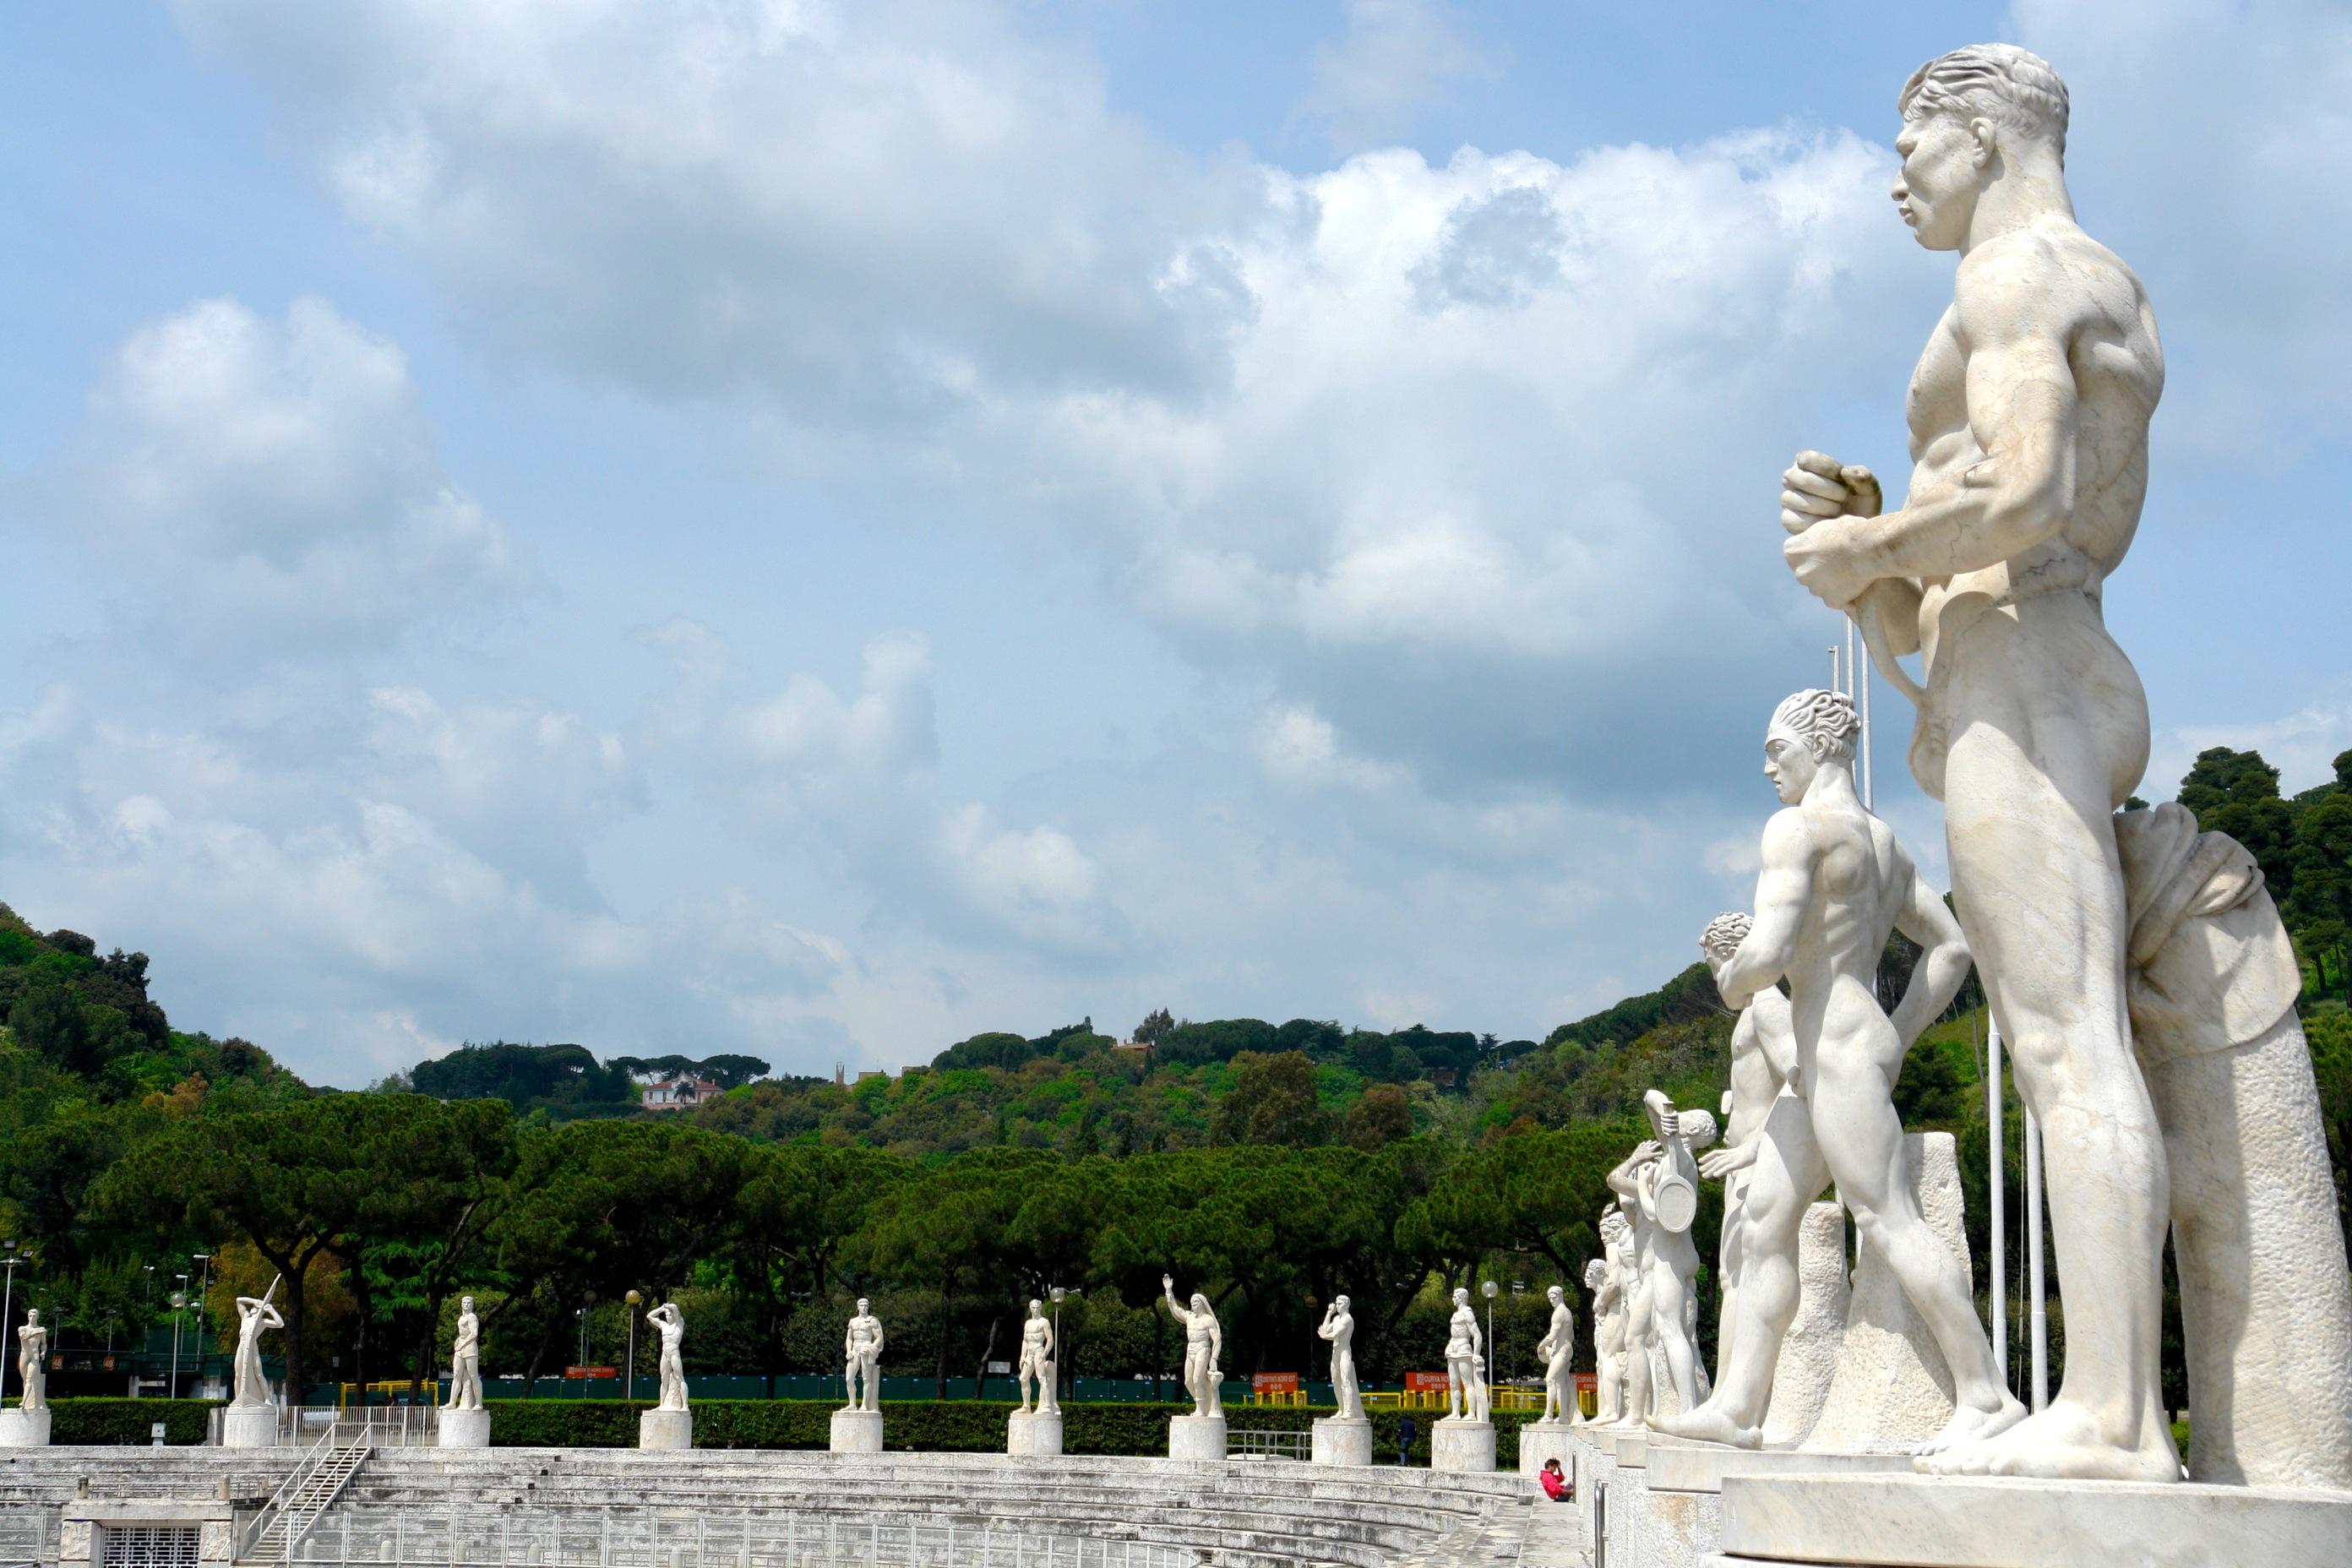 LONGINES GLOBAL CHAMPIONS TOUR: SPETTACOLO DA NON PERDERE A ROMA